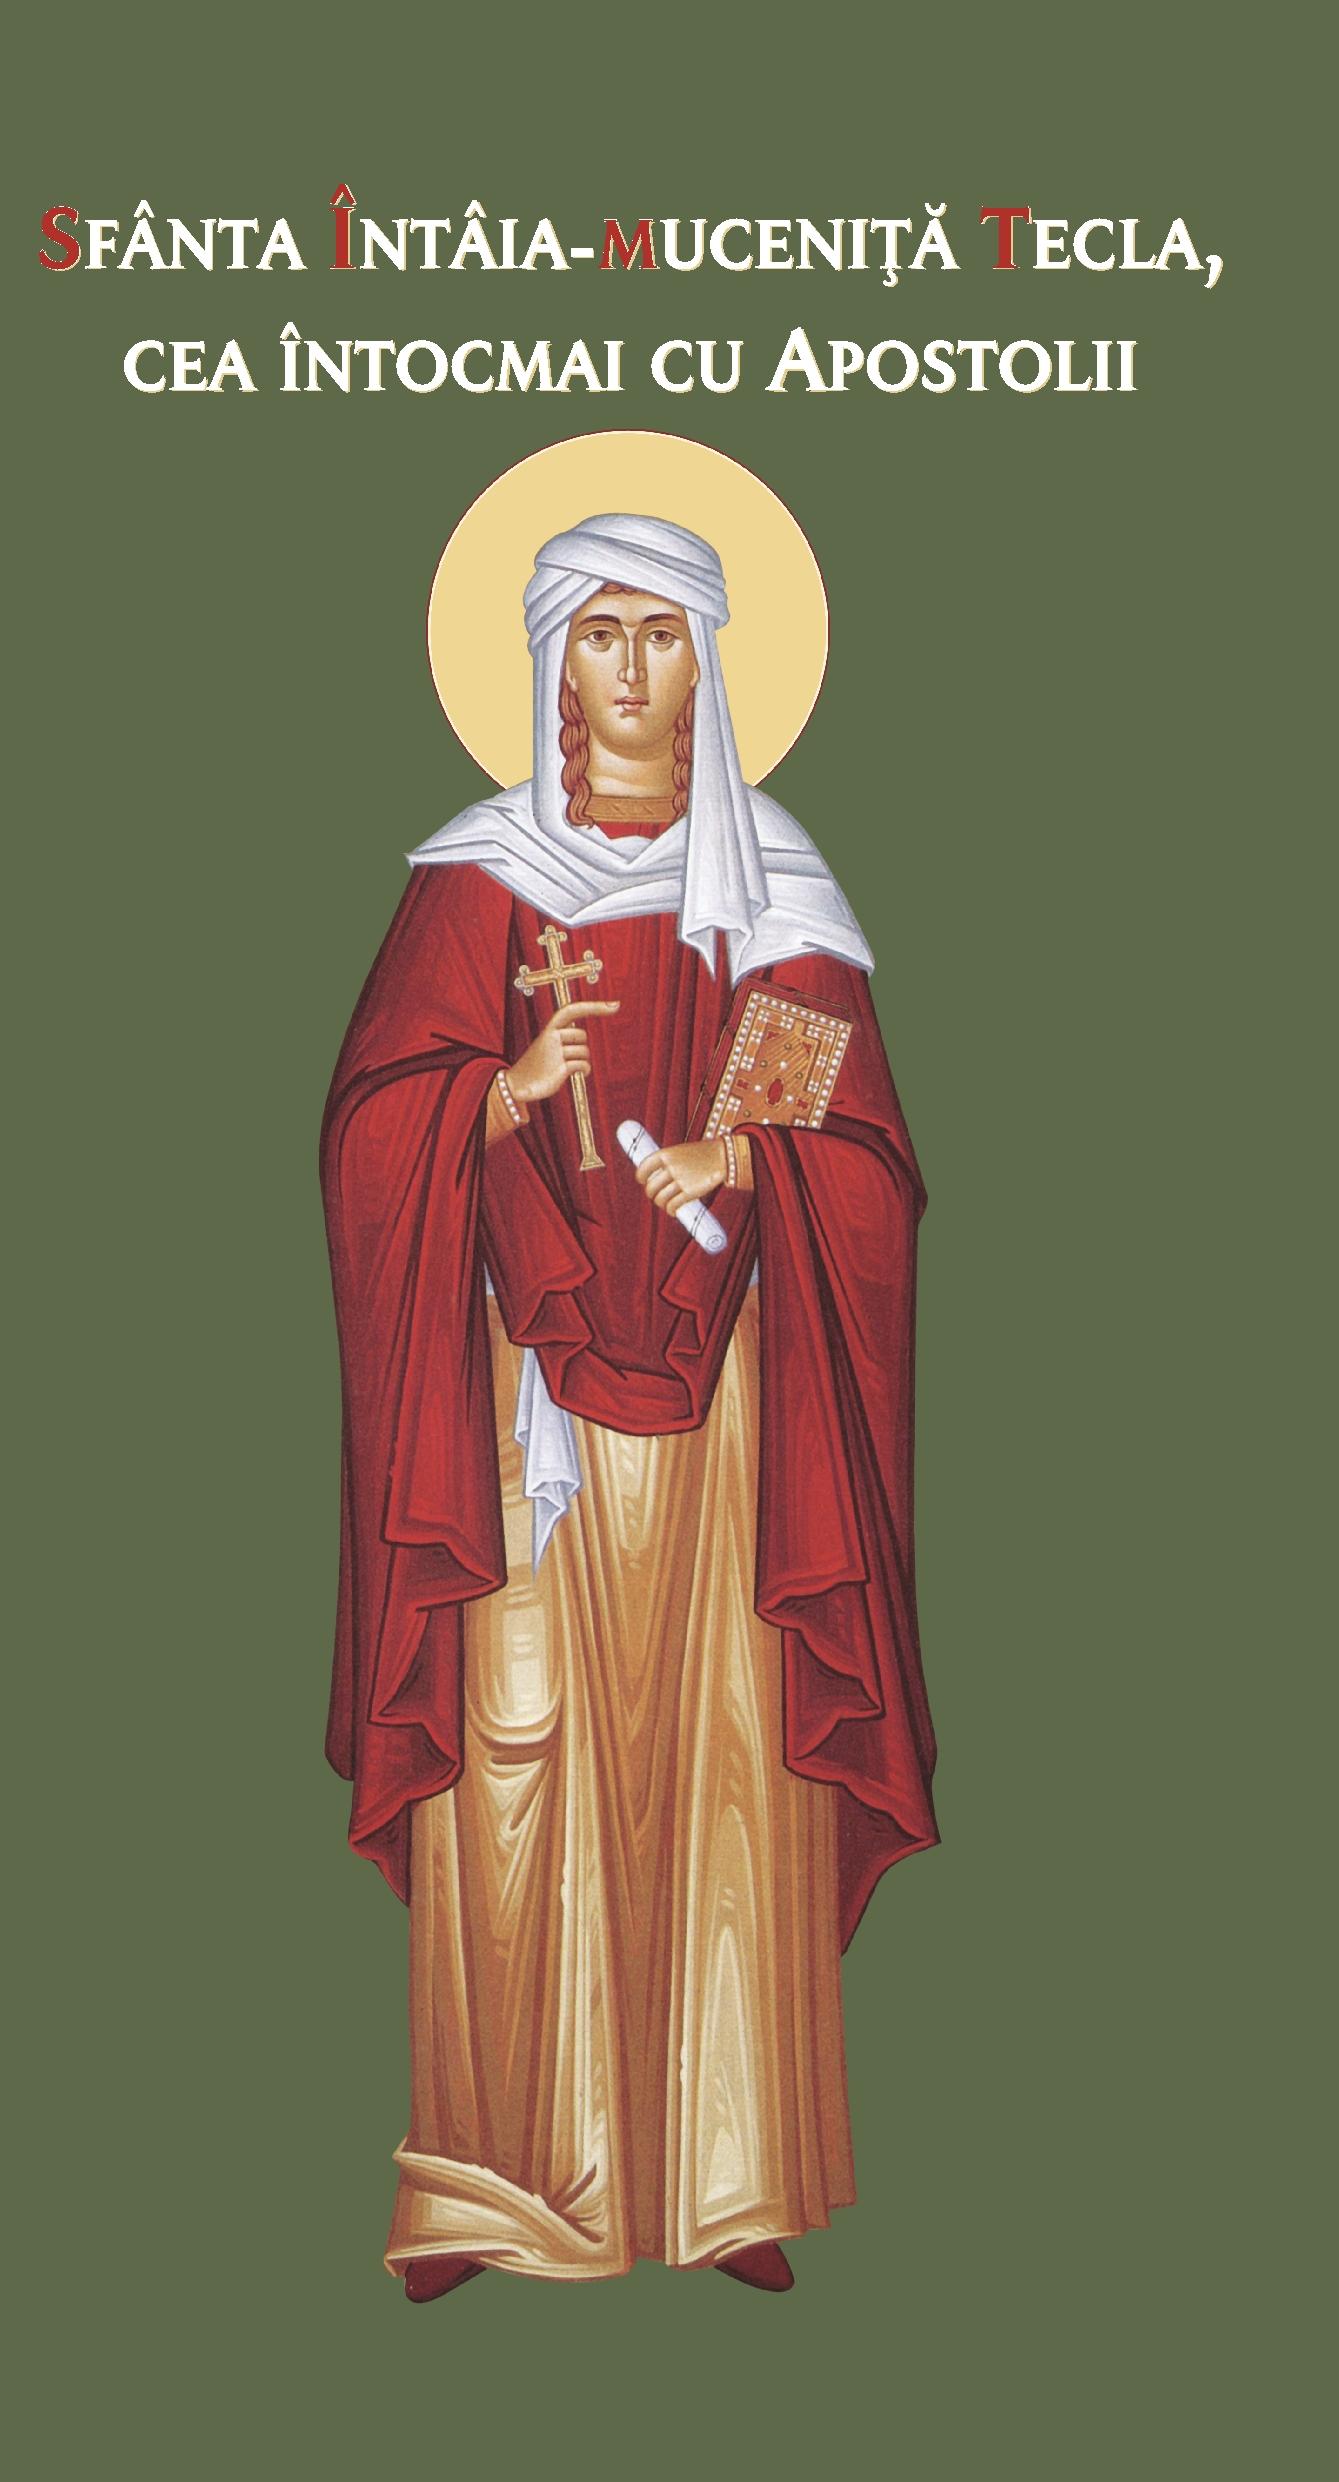 Sfanta Intaia Mucenita Tecla, cea Intocmai cu Apostolii